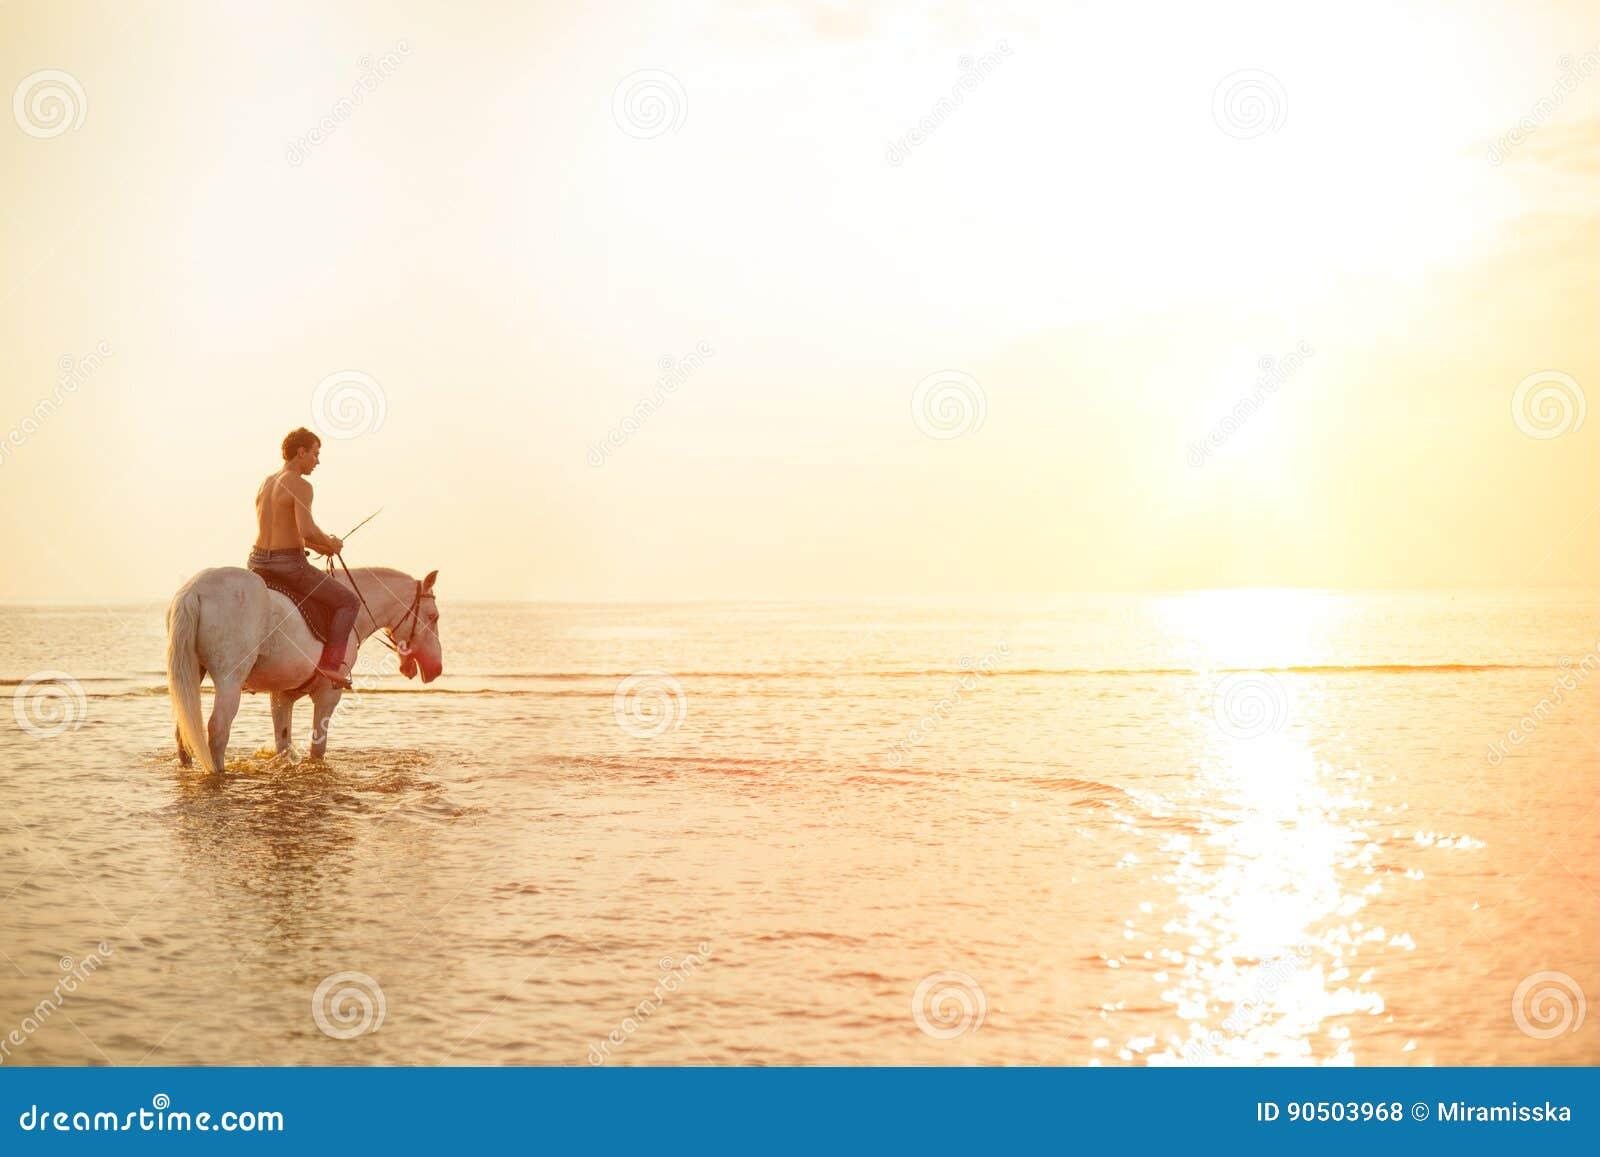 Machomann und Pferd auf dem Hintergrund des Himmels und des Wassers Jungenmodus